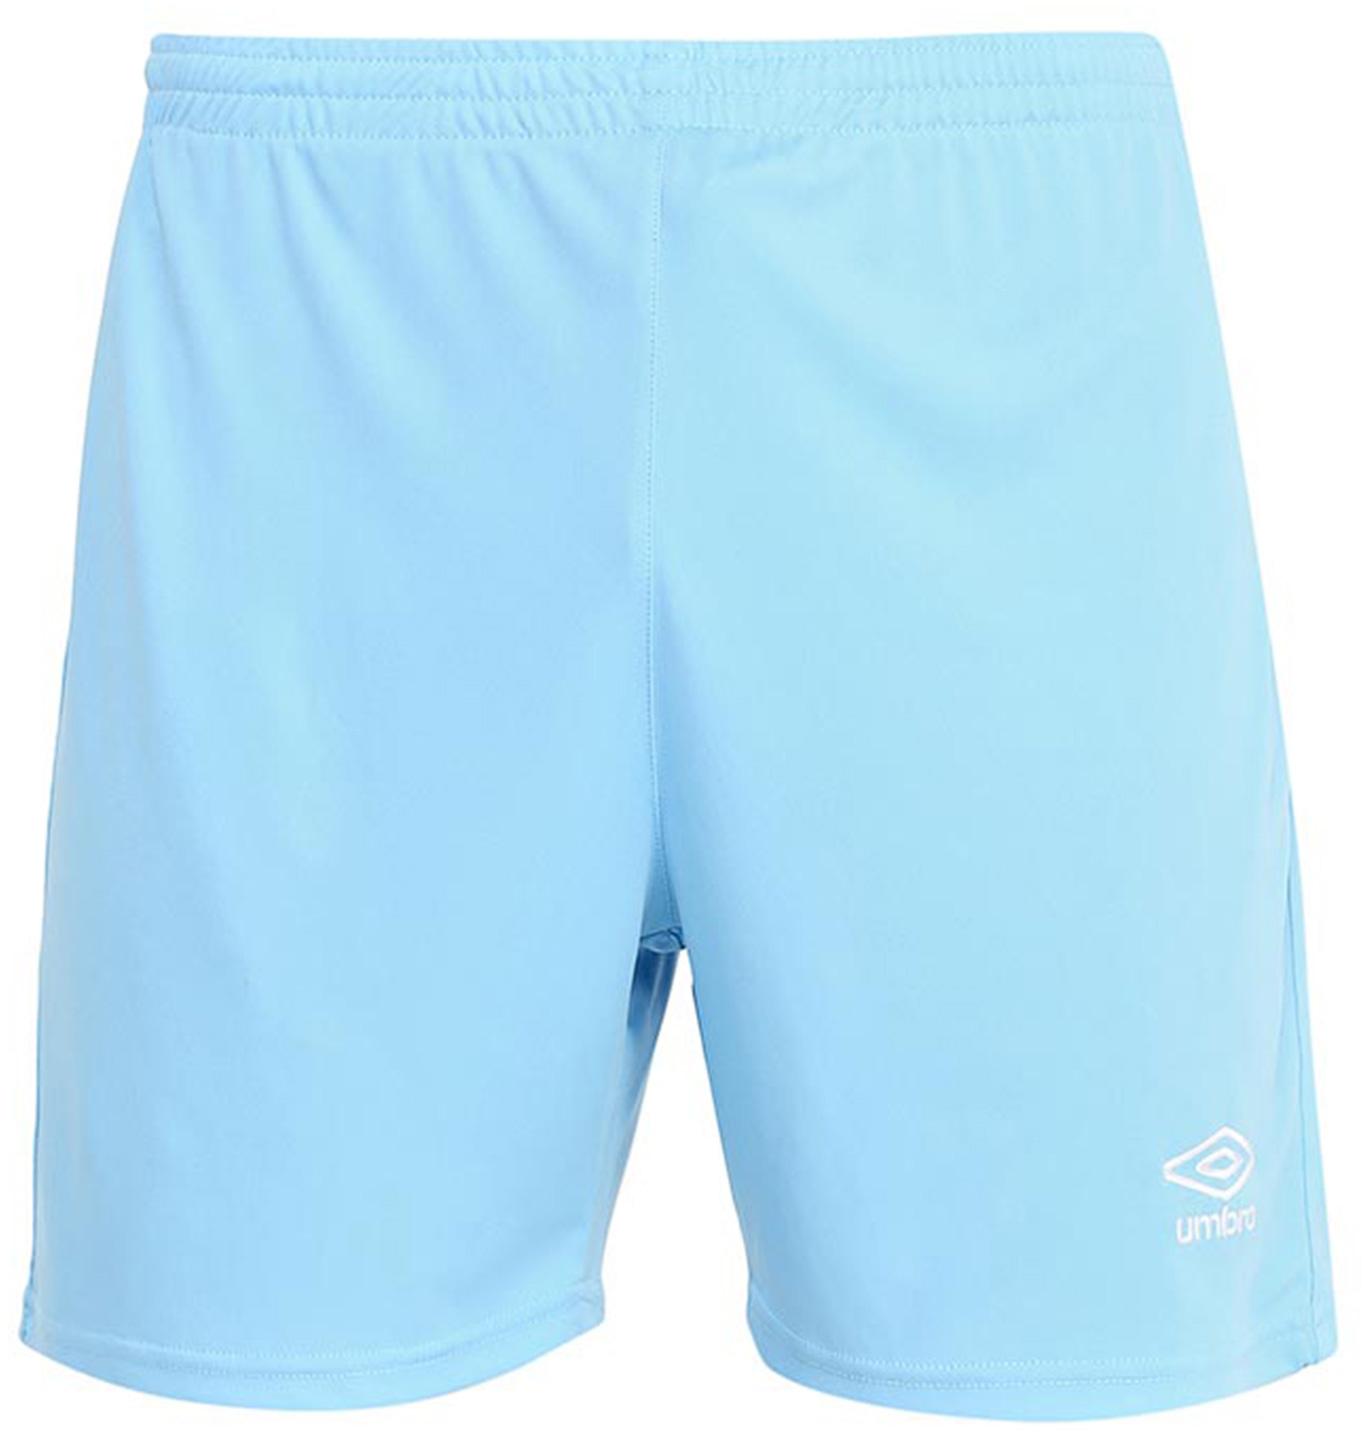 Шорты спортивные для мальчика Umbro Field Short, цвет: голубой, белый. 133015. Размер YL (152) шорты спортивные topman topman to030emuws10